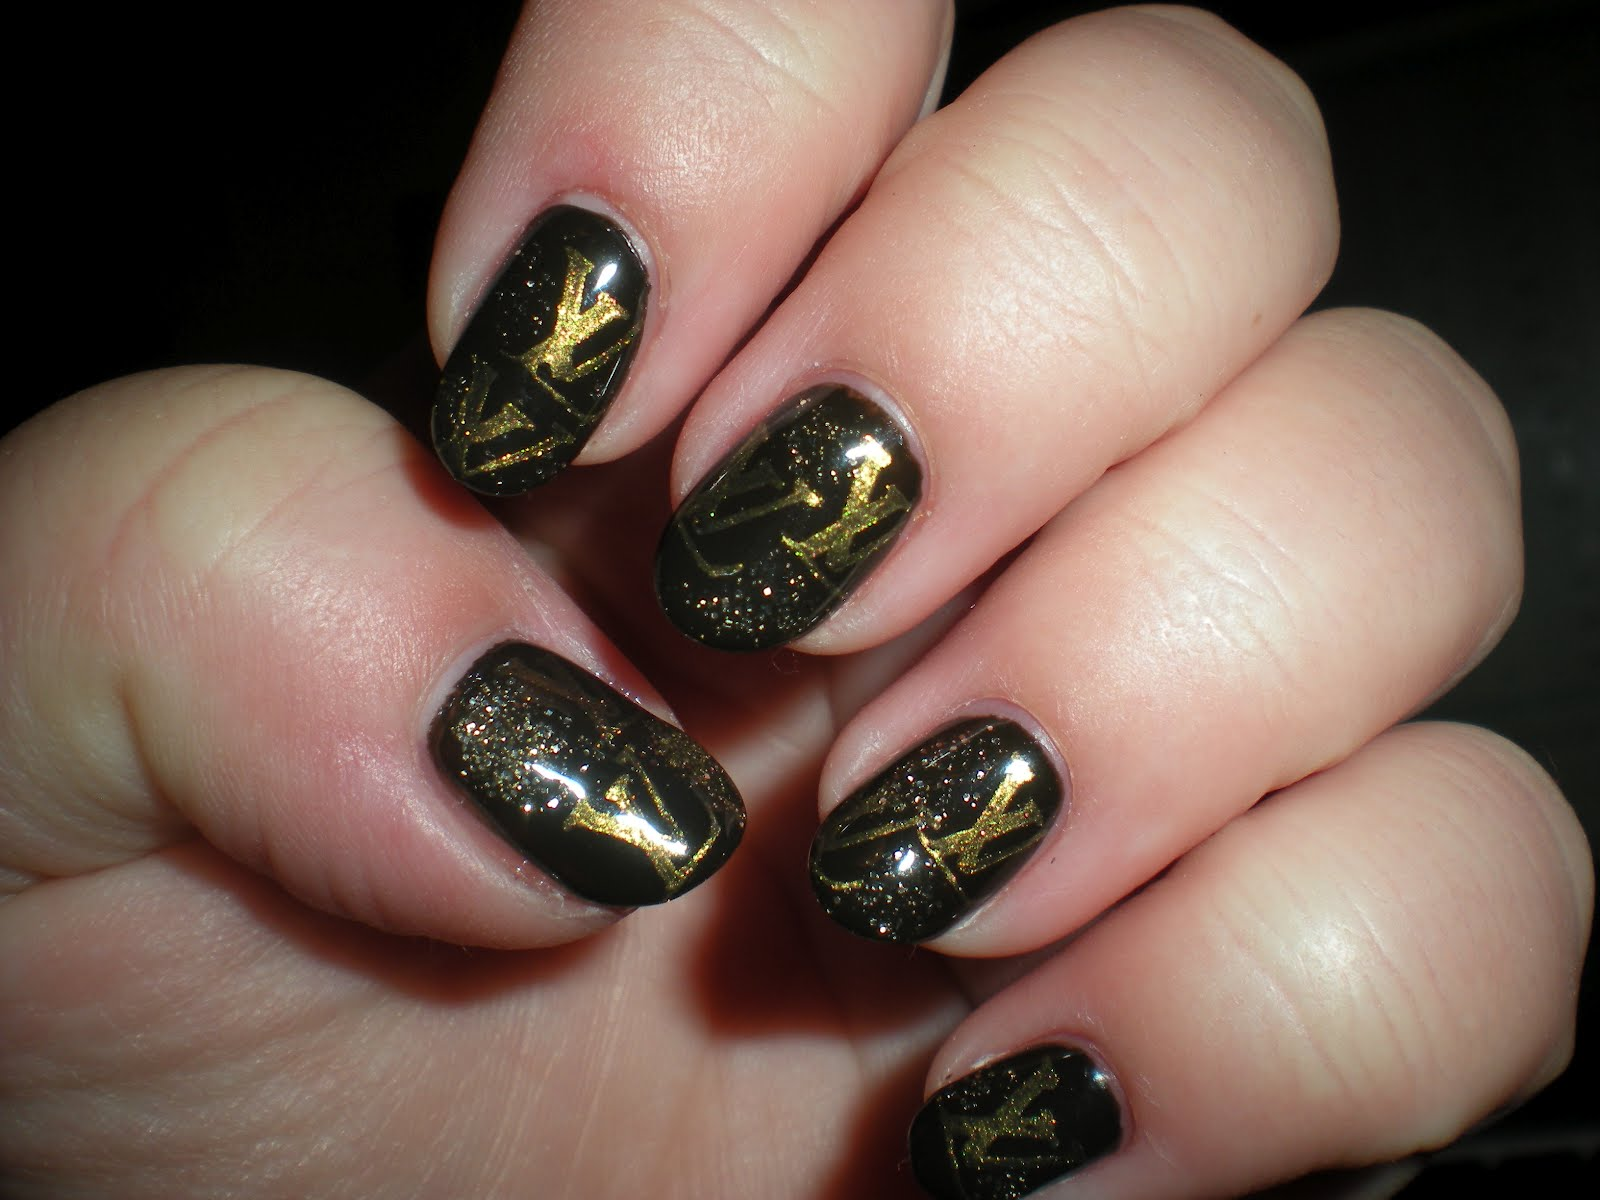 Nail Art World - gallery of nail design: LV Nails